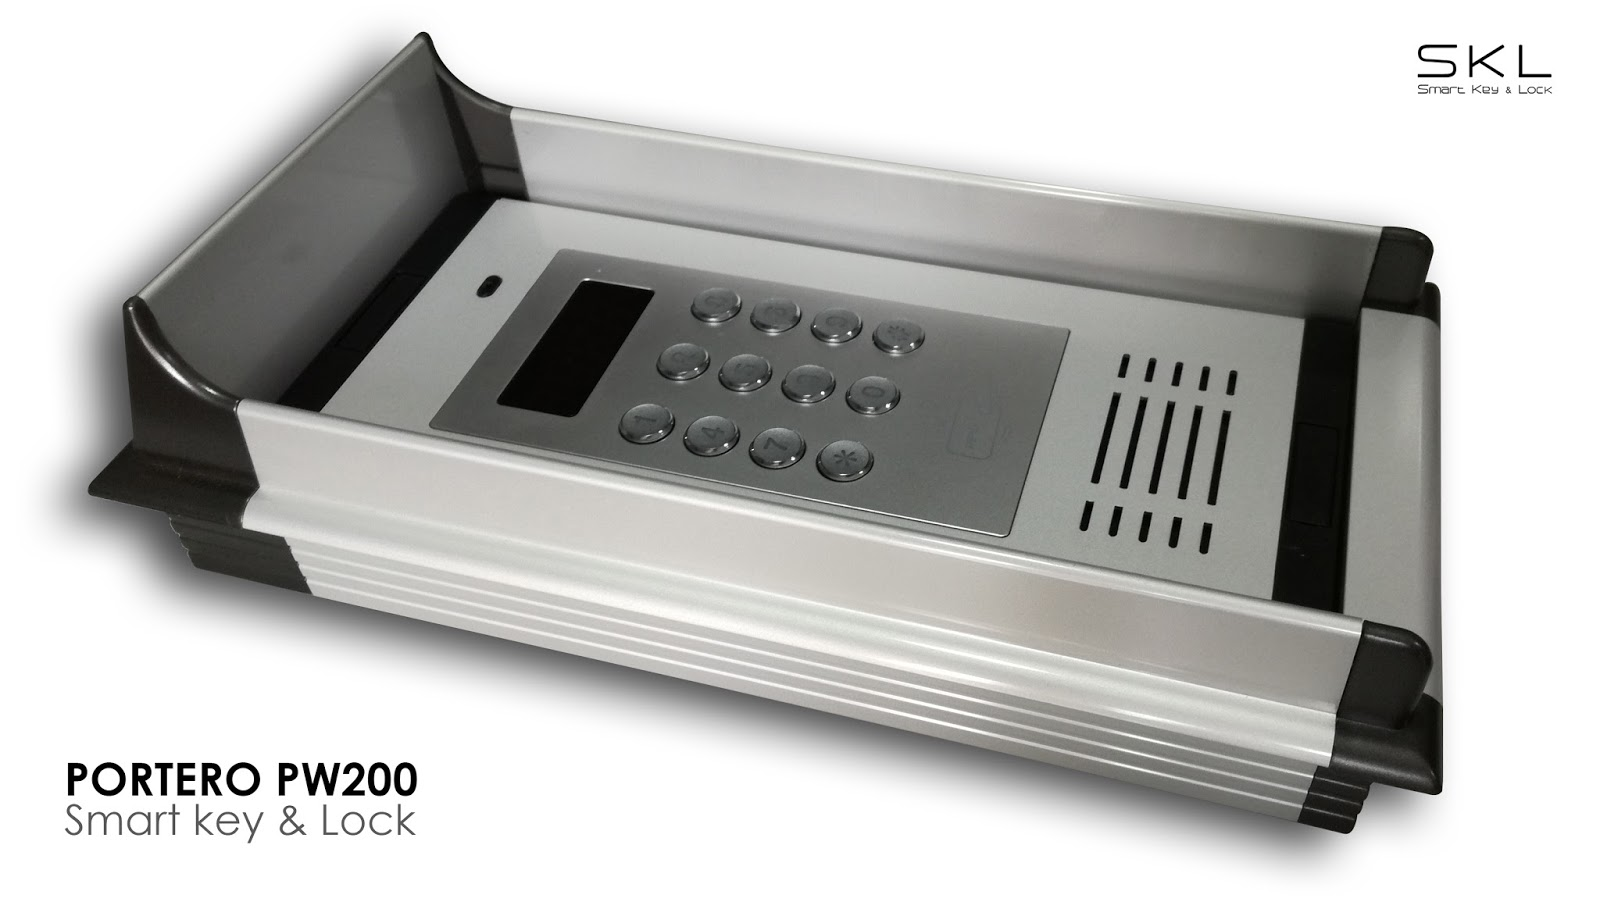 Skl cerraduras electr nicas por qu el portero autom tico sin cables es la mejor opci n para - Cerraduras electronicas para casa ...